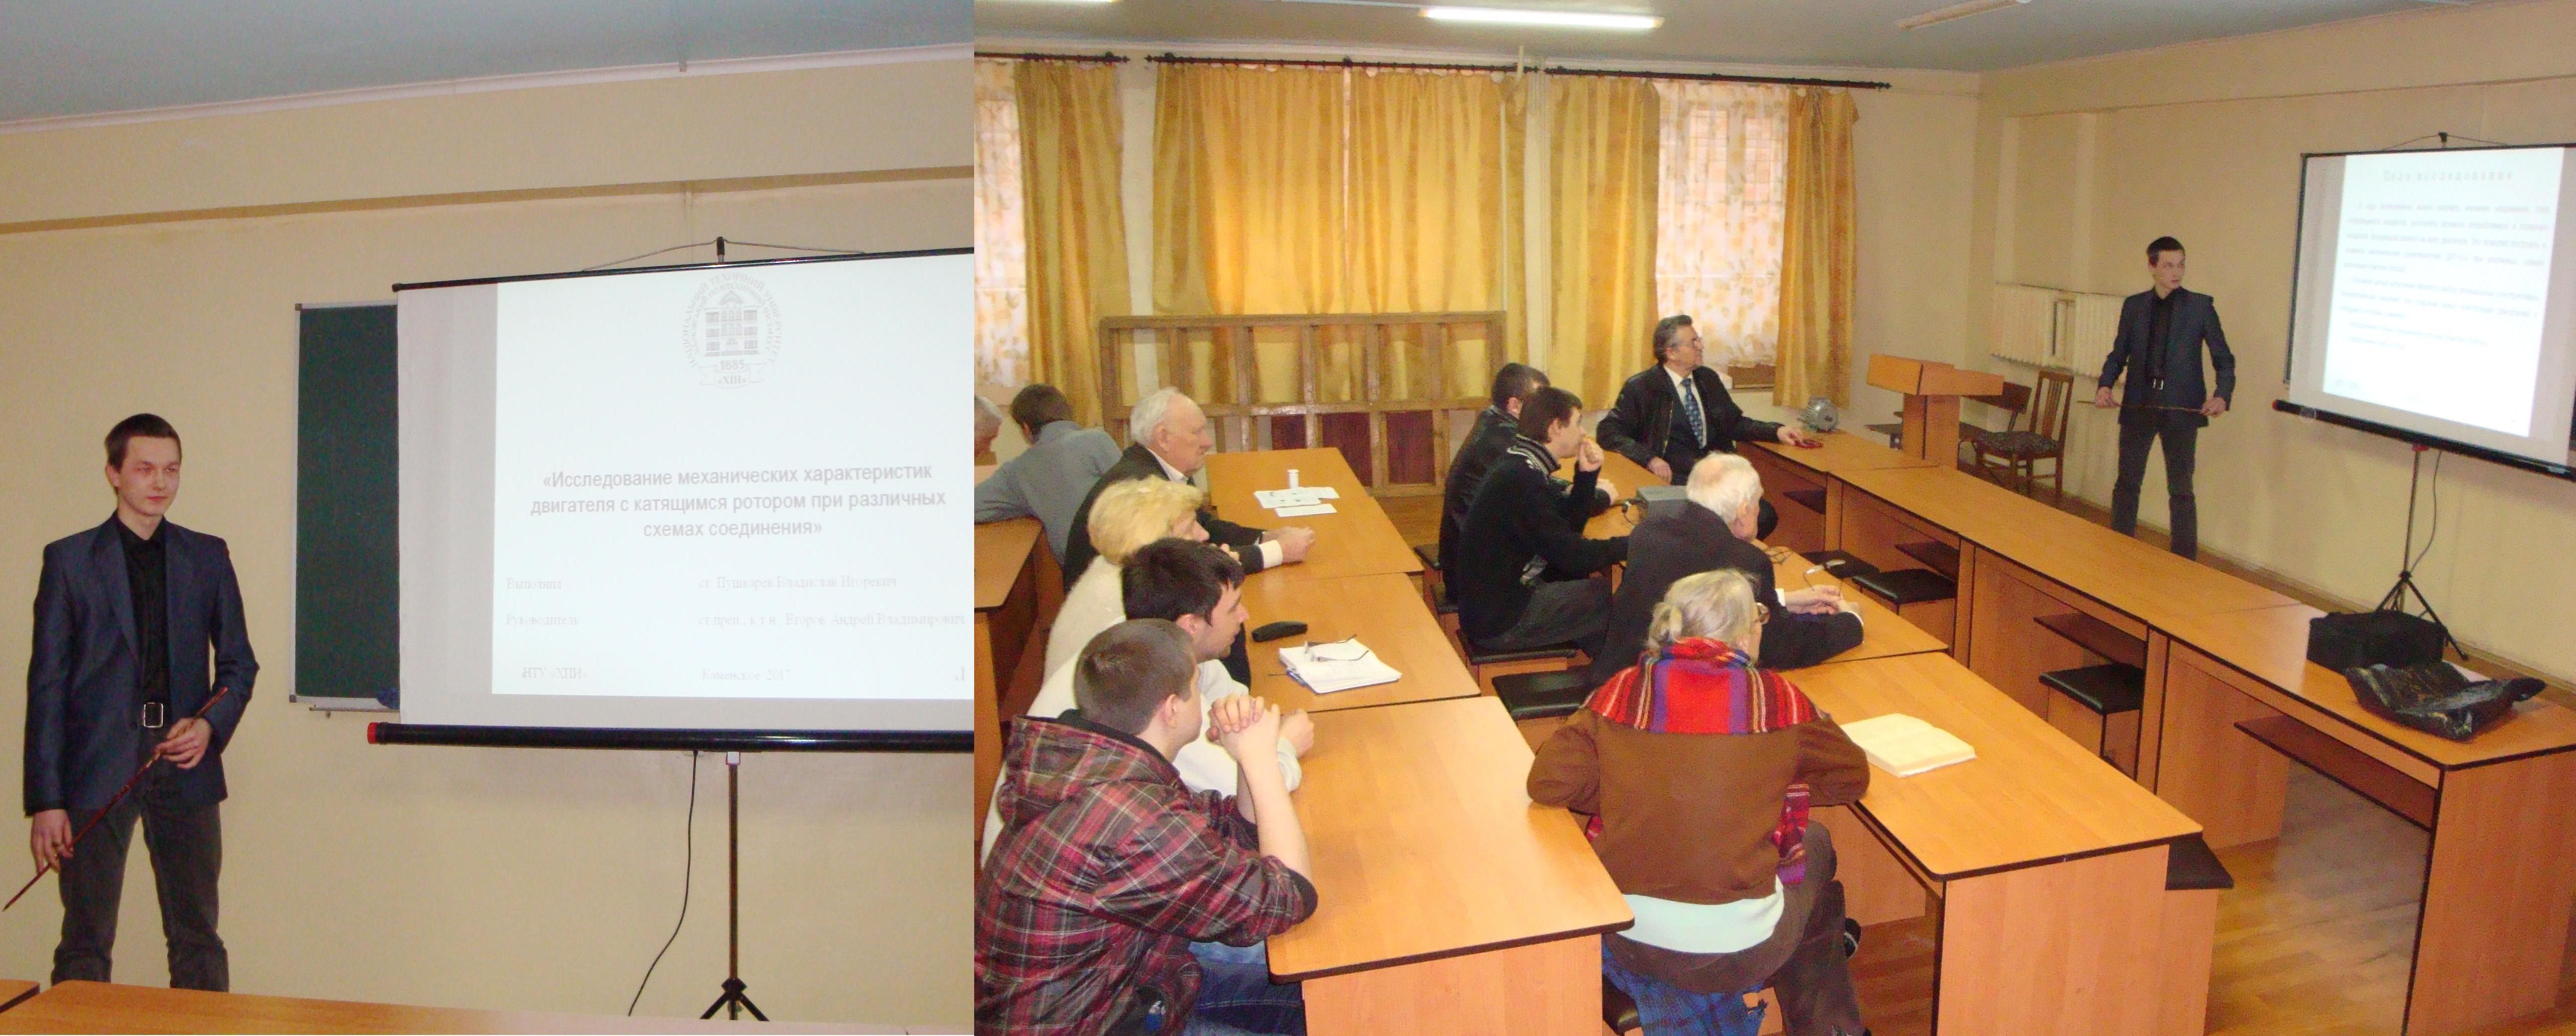 Магистерская конференция 2017. Пушкарев Владислав